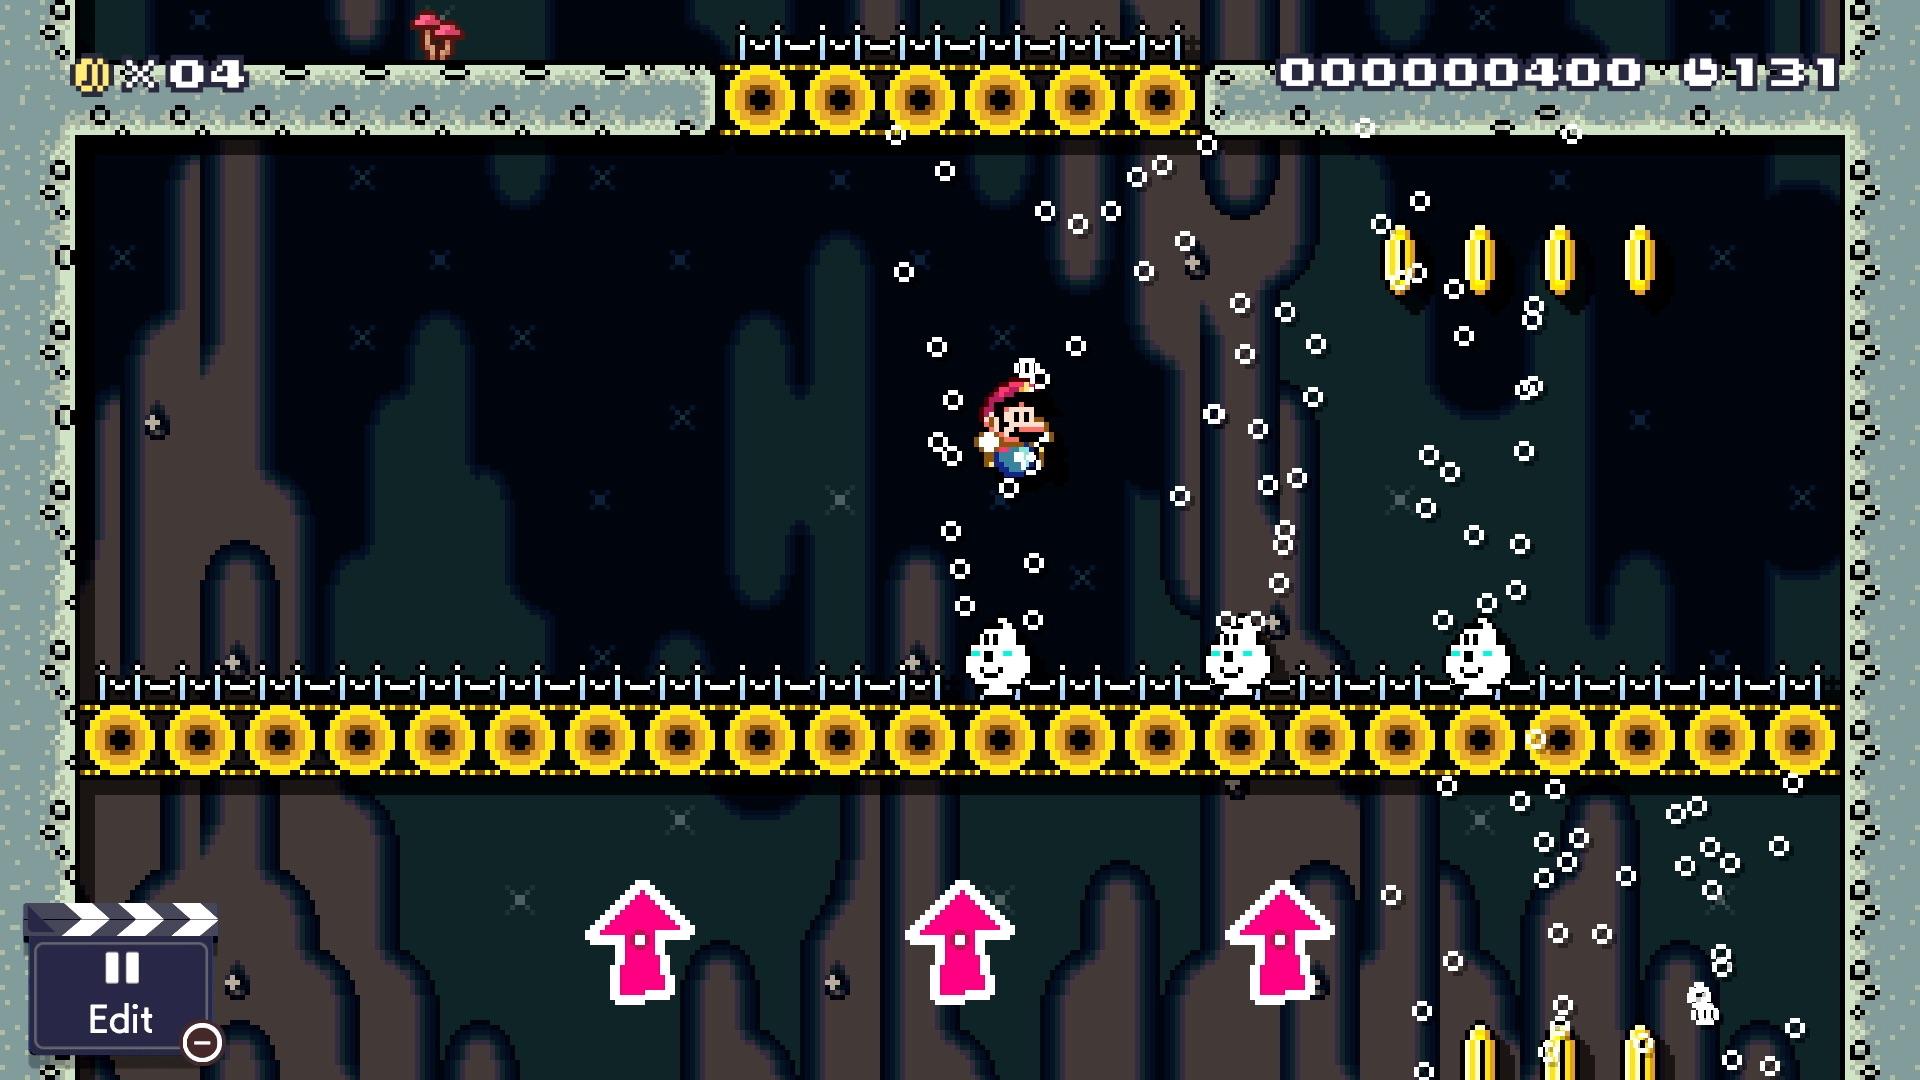 Super Mario Maker 2 Screenshot 4